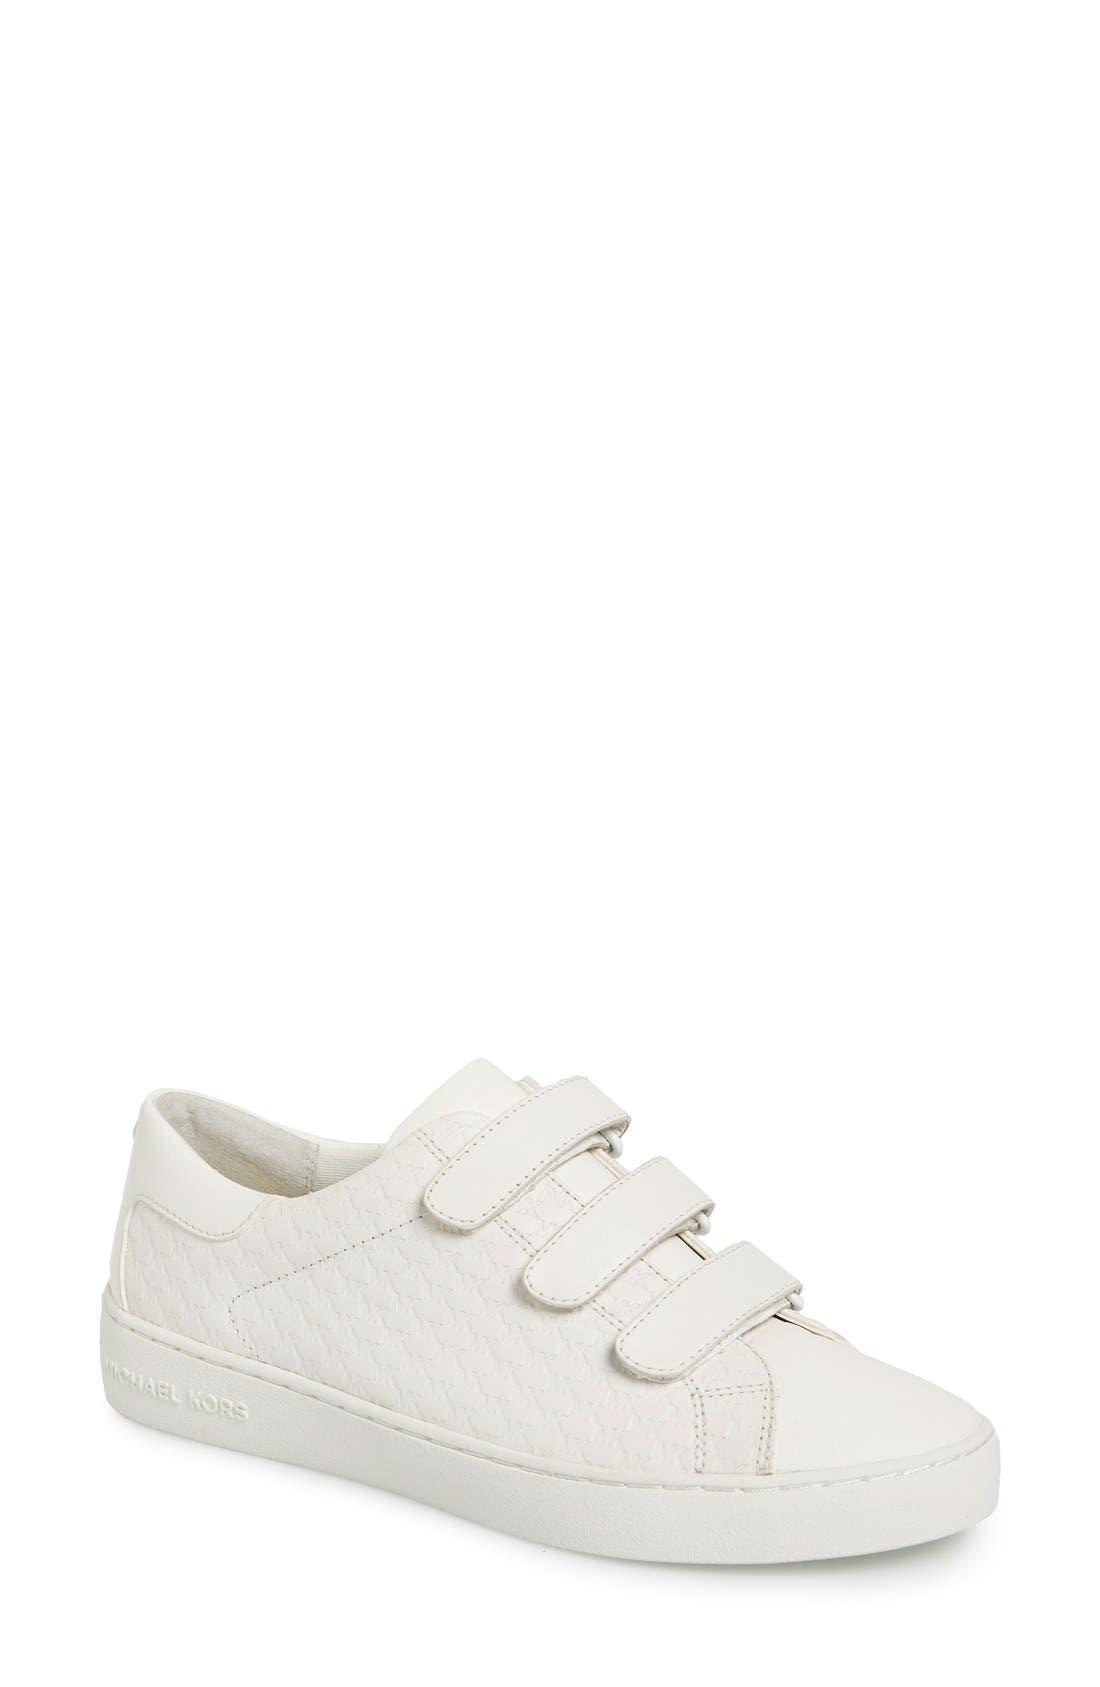 Main Image - MICHAEL Michael Kors 'Craig' Sneaker (Women)